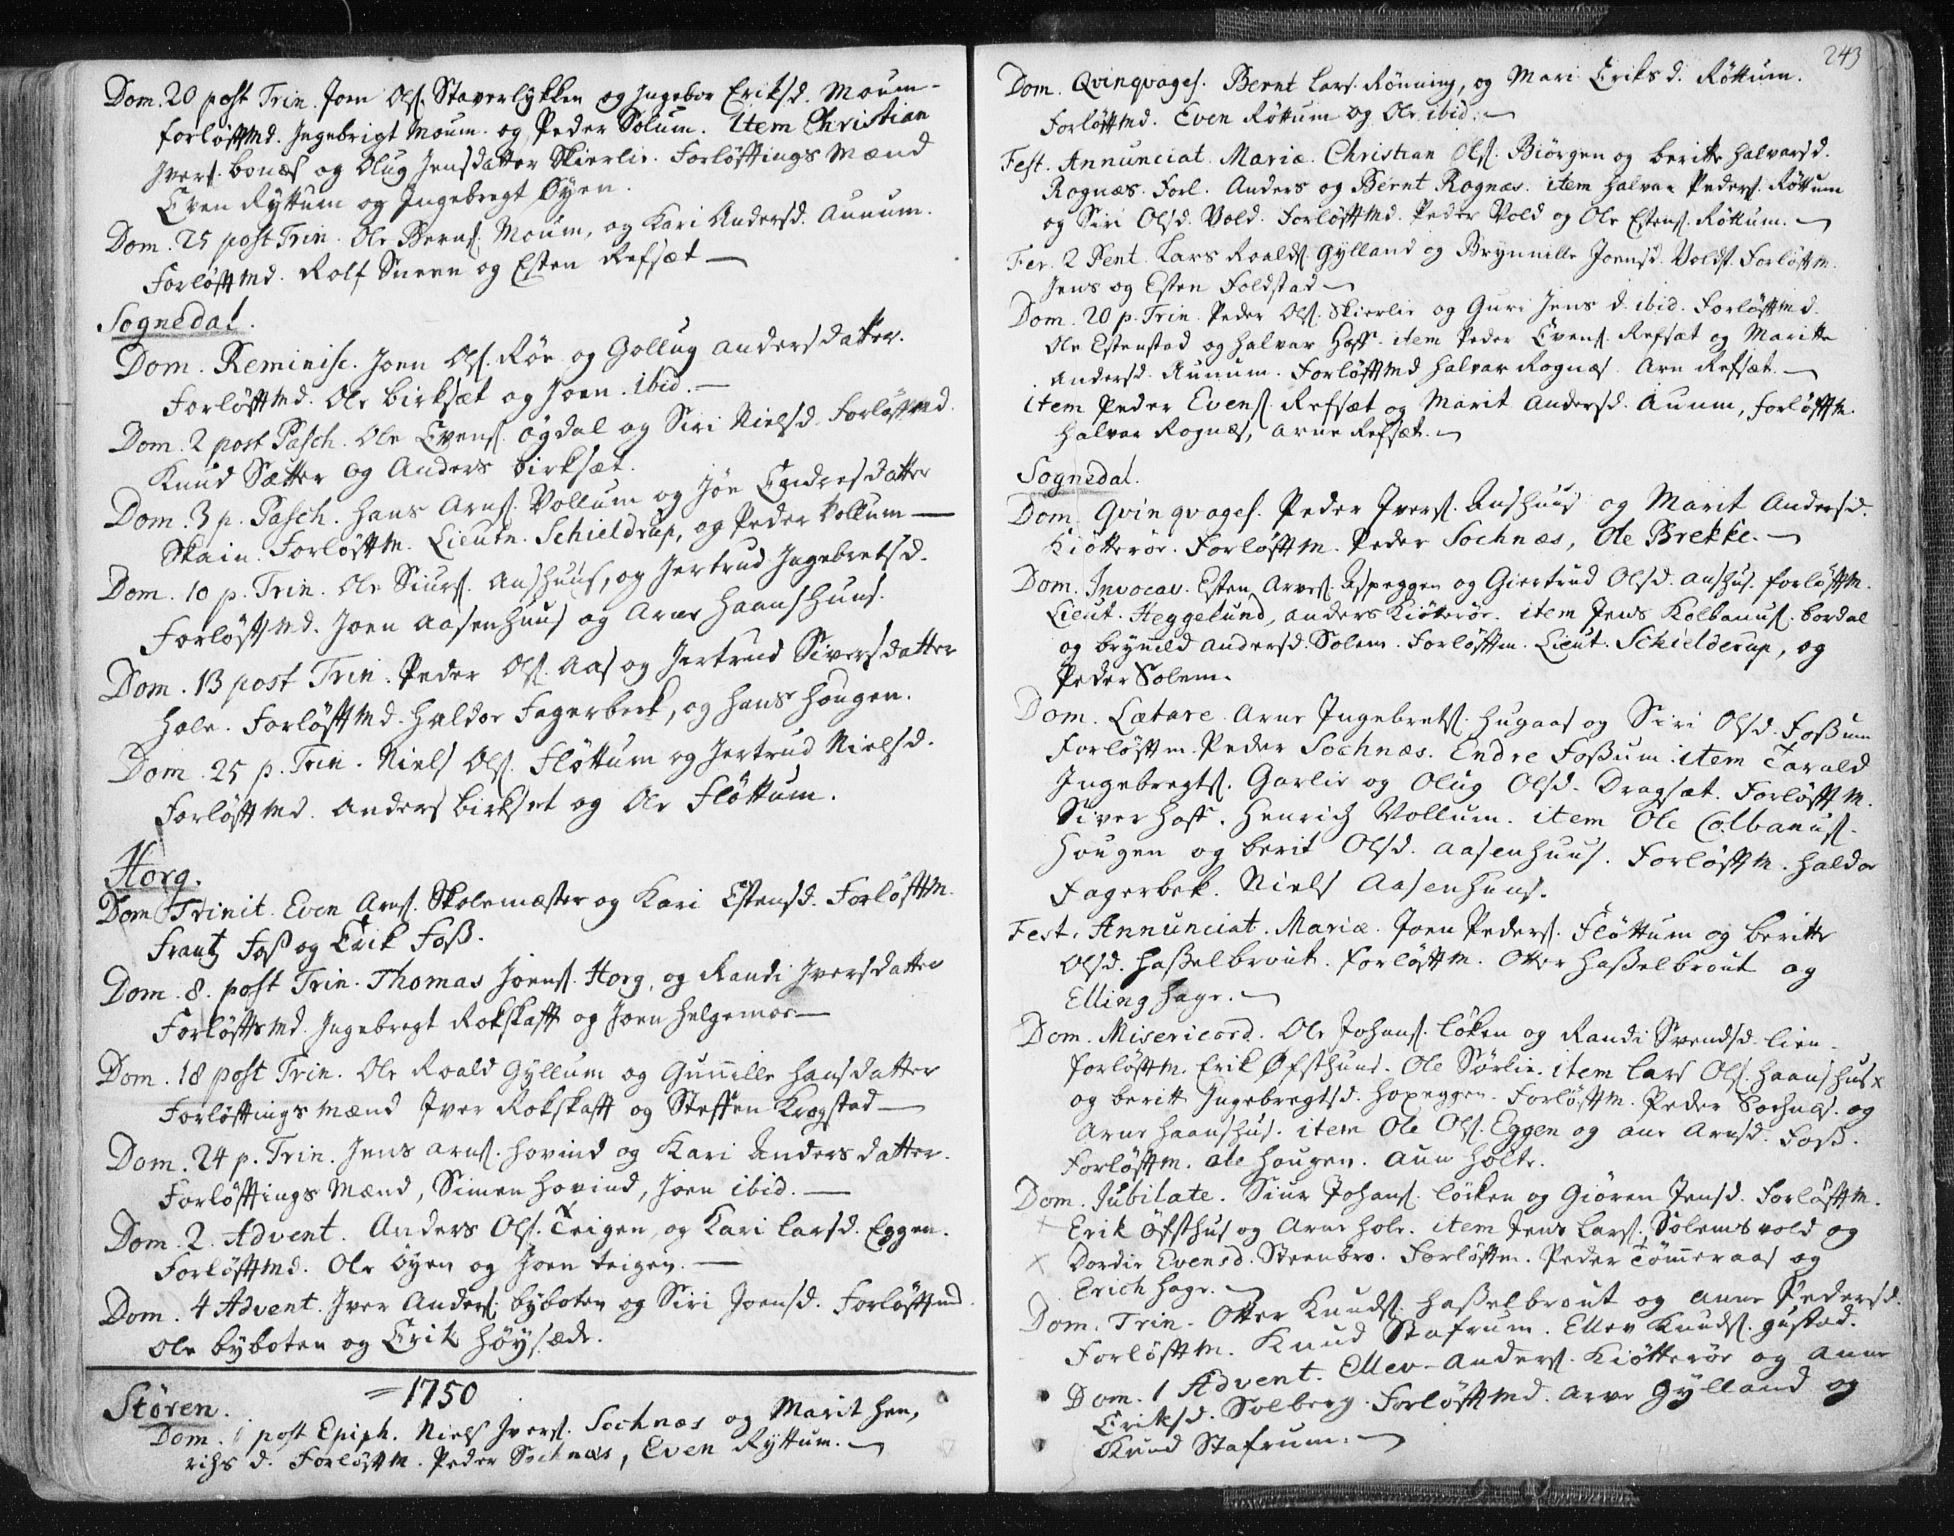 SAT, Ministerialprotokoller, klokkerbøker og fødselsregistre - Sør-Trøndelag, 687/L0991: Ministerialbok nr. 687A02, 1747-1790, s. 243